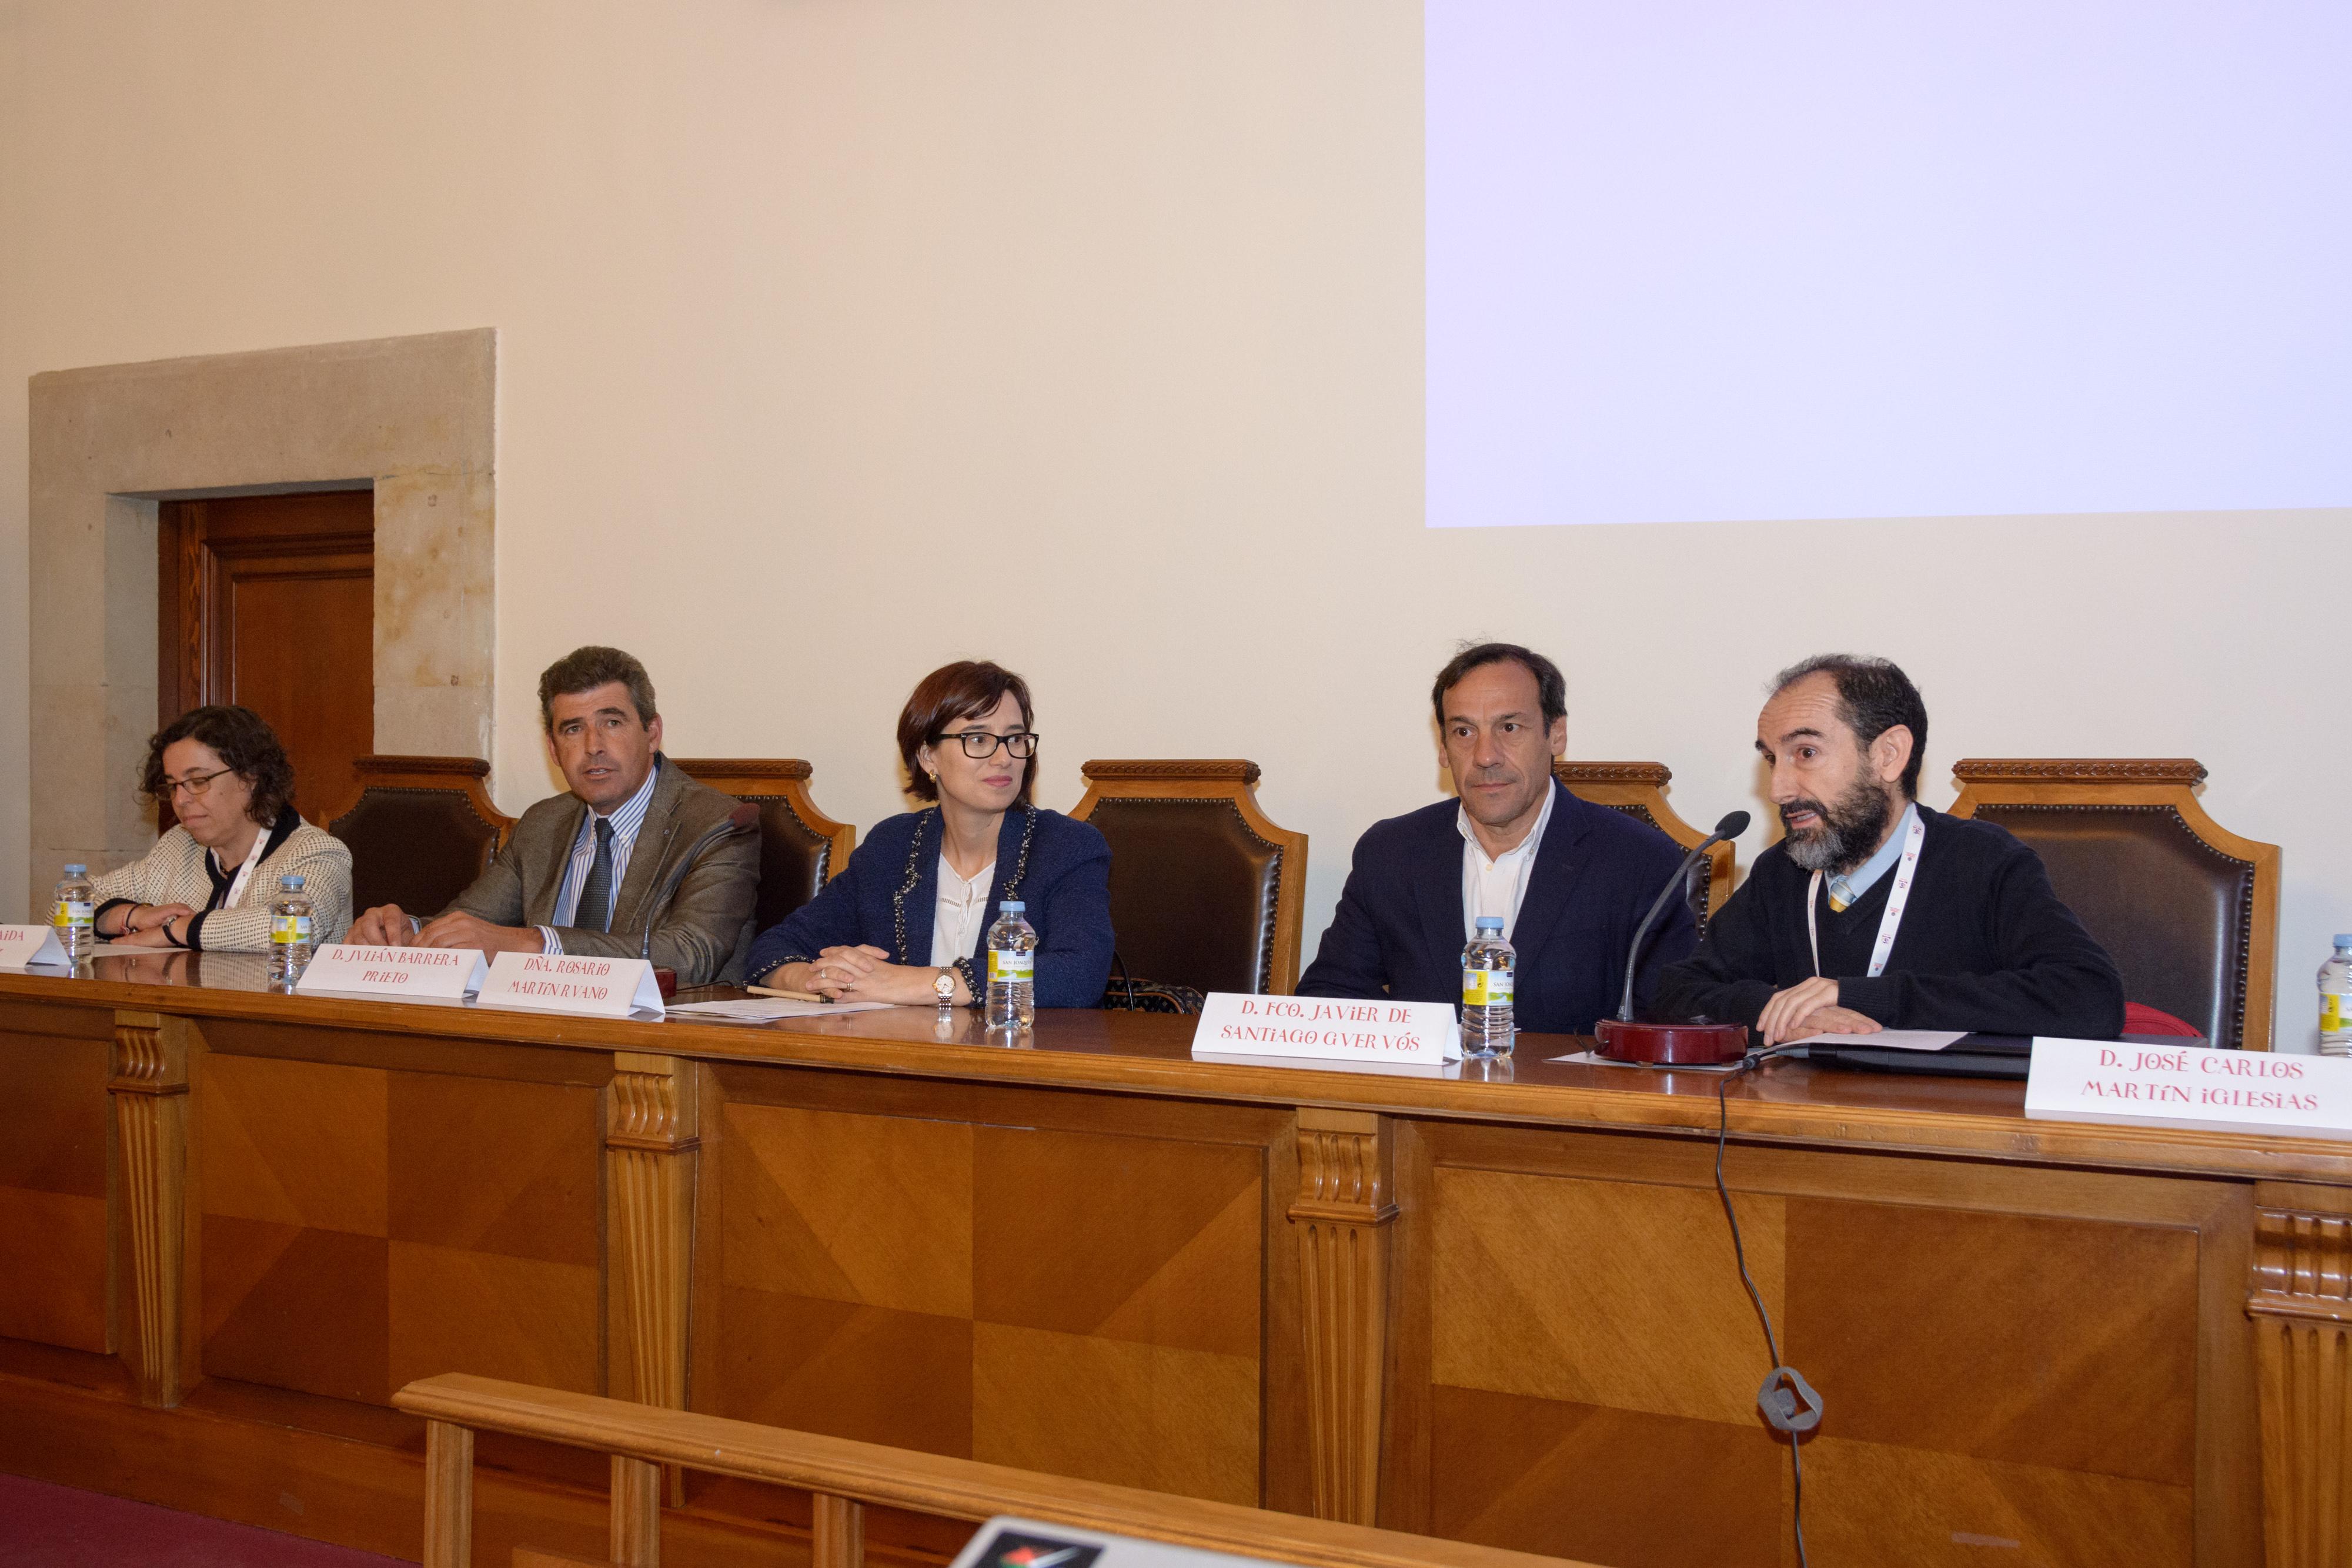 La Facultad de Filología acoge la celebración del VII Congreso Internacional de Latín Medieval Hispánico